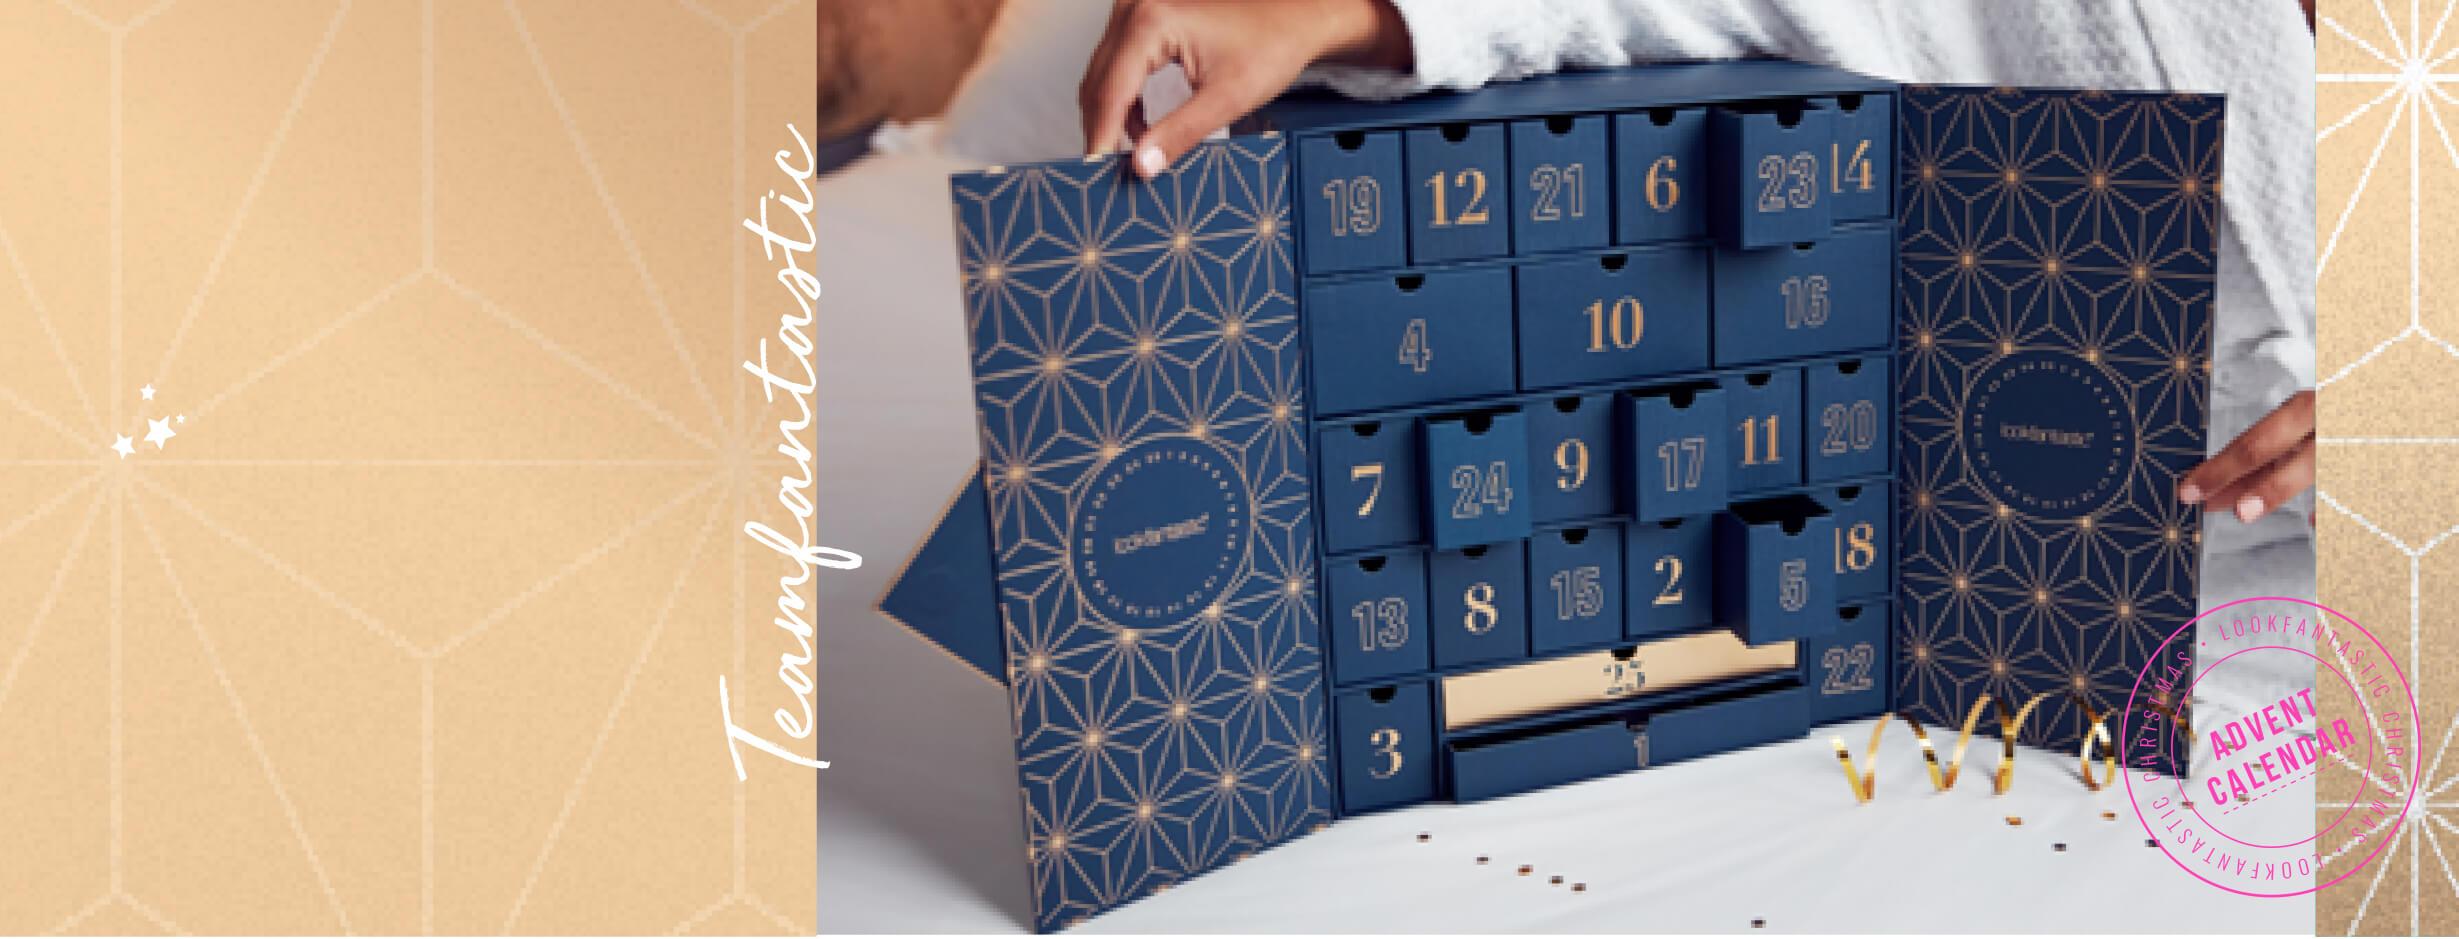 Calendario Dellavvento Beauty 2020.Lookfantastic Advent Calendar 2019 Worth Over 420 Free